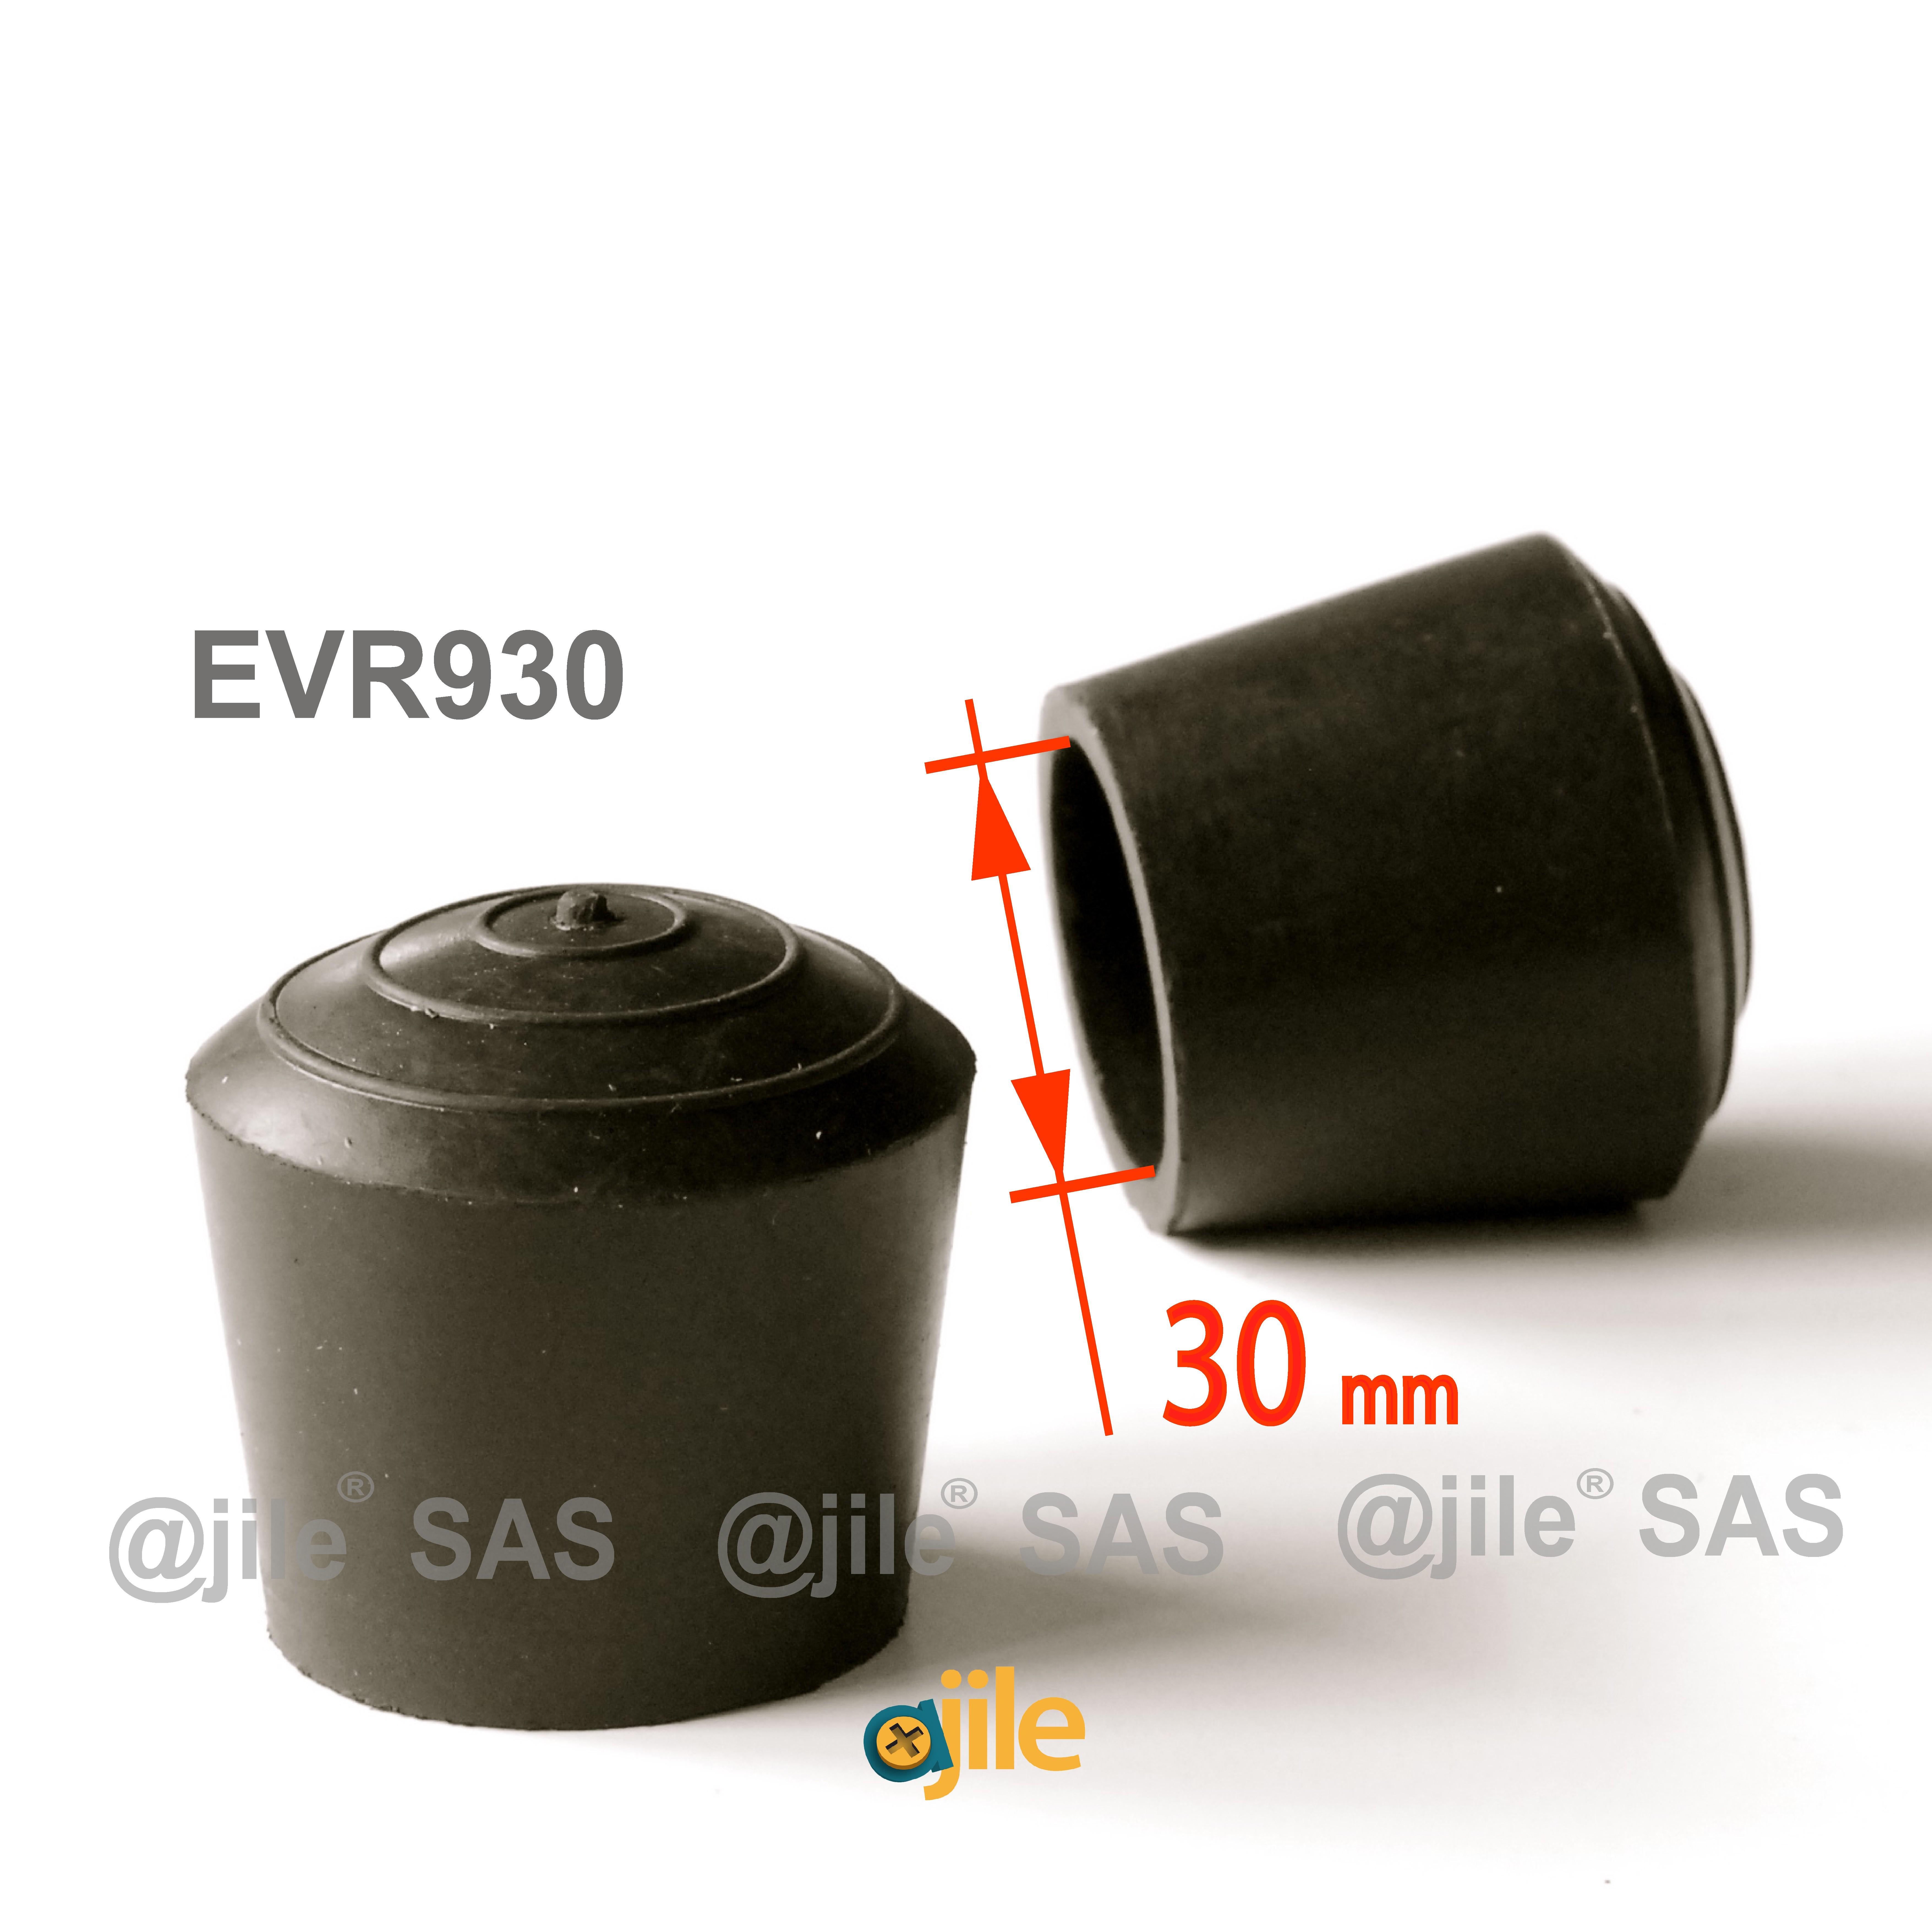 Embout enveloppant rond diam. 7 mm Caoutchouc NOIR